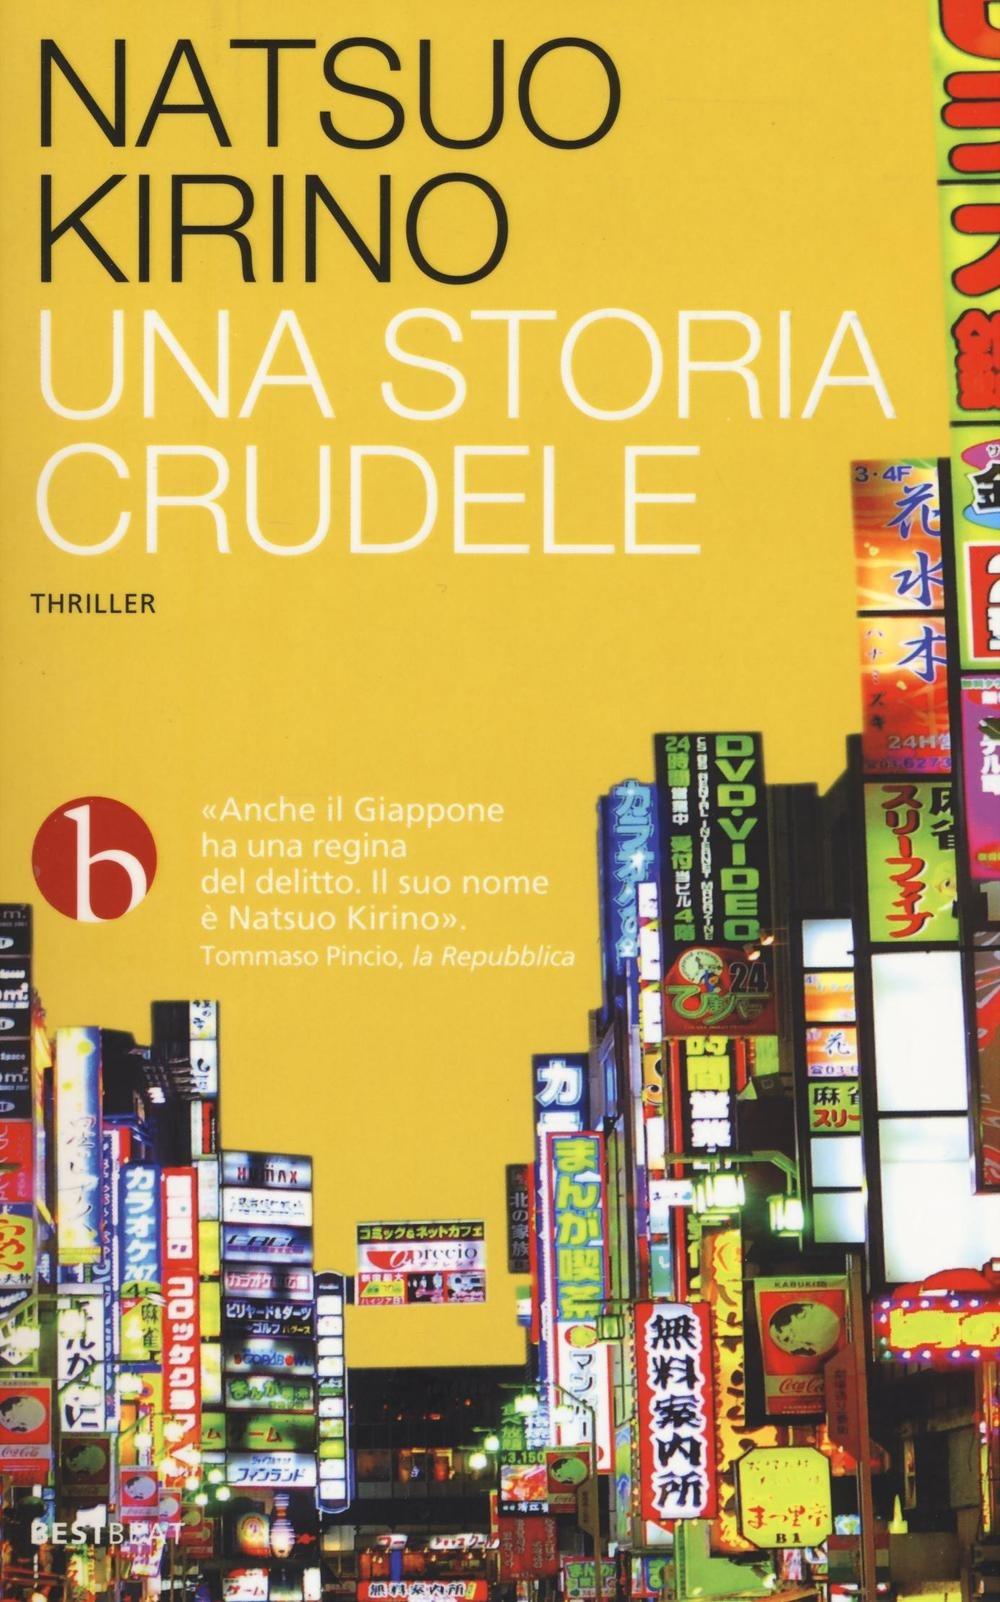 'Una storia crudele', il thriller psicologico di Natsuo Kirino che fa trapelare una giustificazione per l'autoalienazione